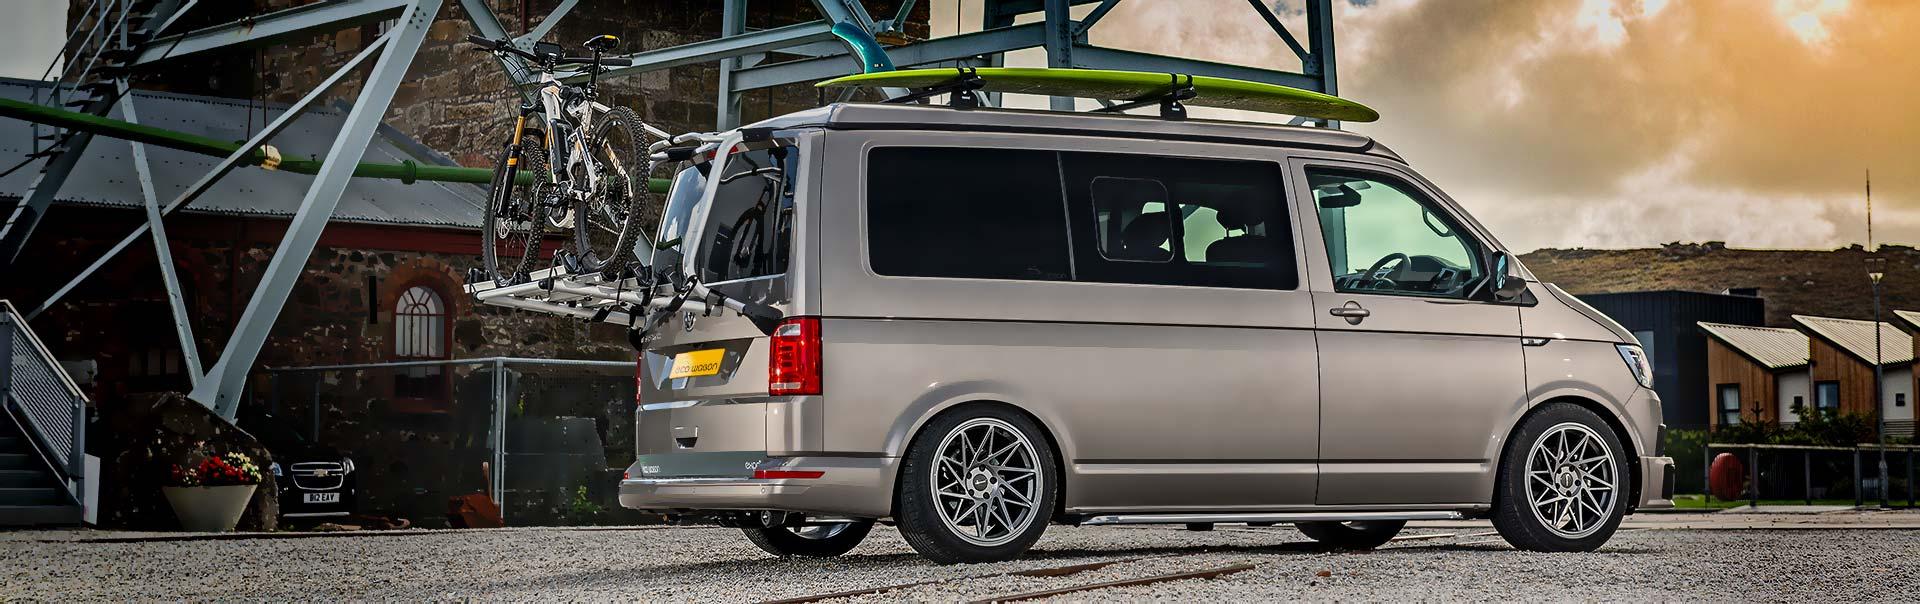 Ecowagon Volkswagen Camper Van Conversions